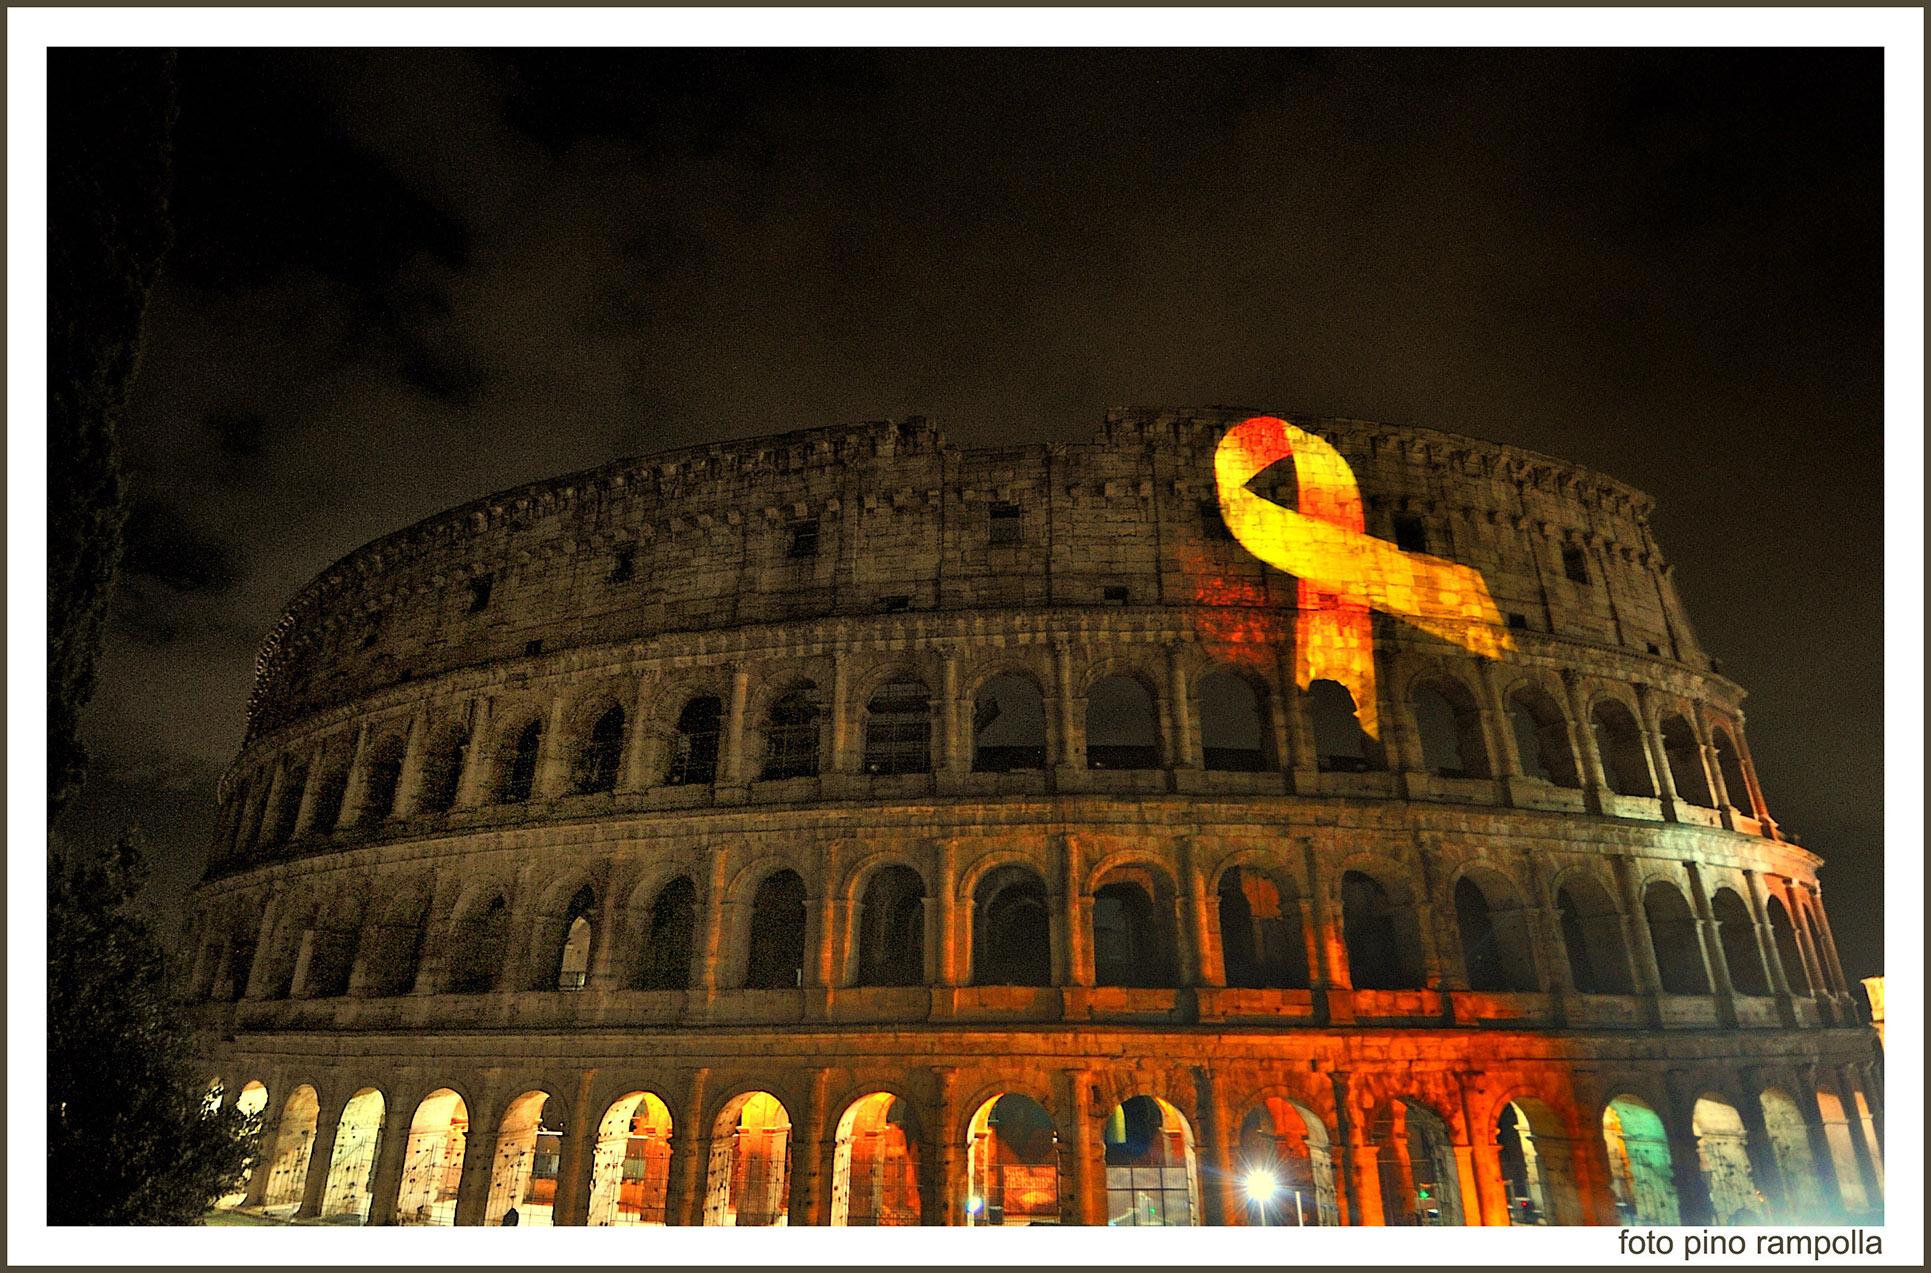 Il 26 settembre dalle ore 21-00 Peter Pan illuminerà il Colosseo